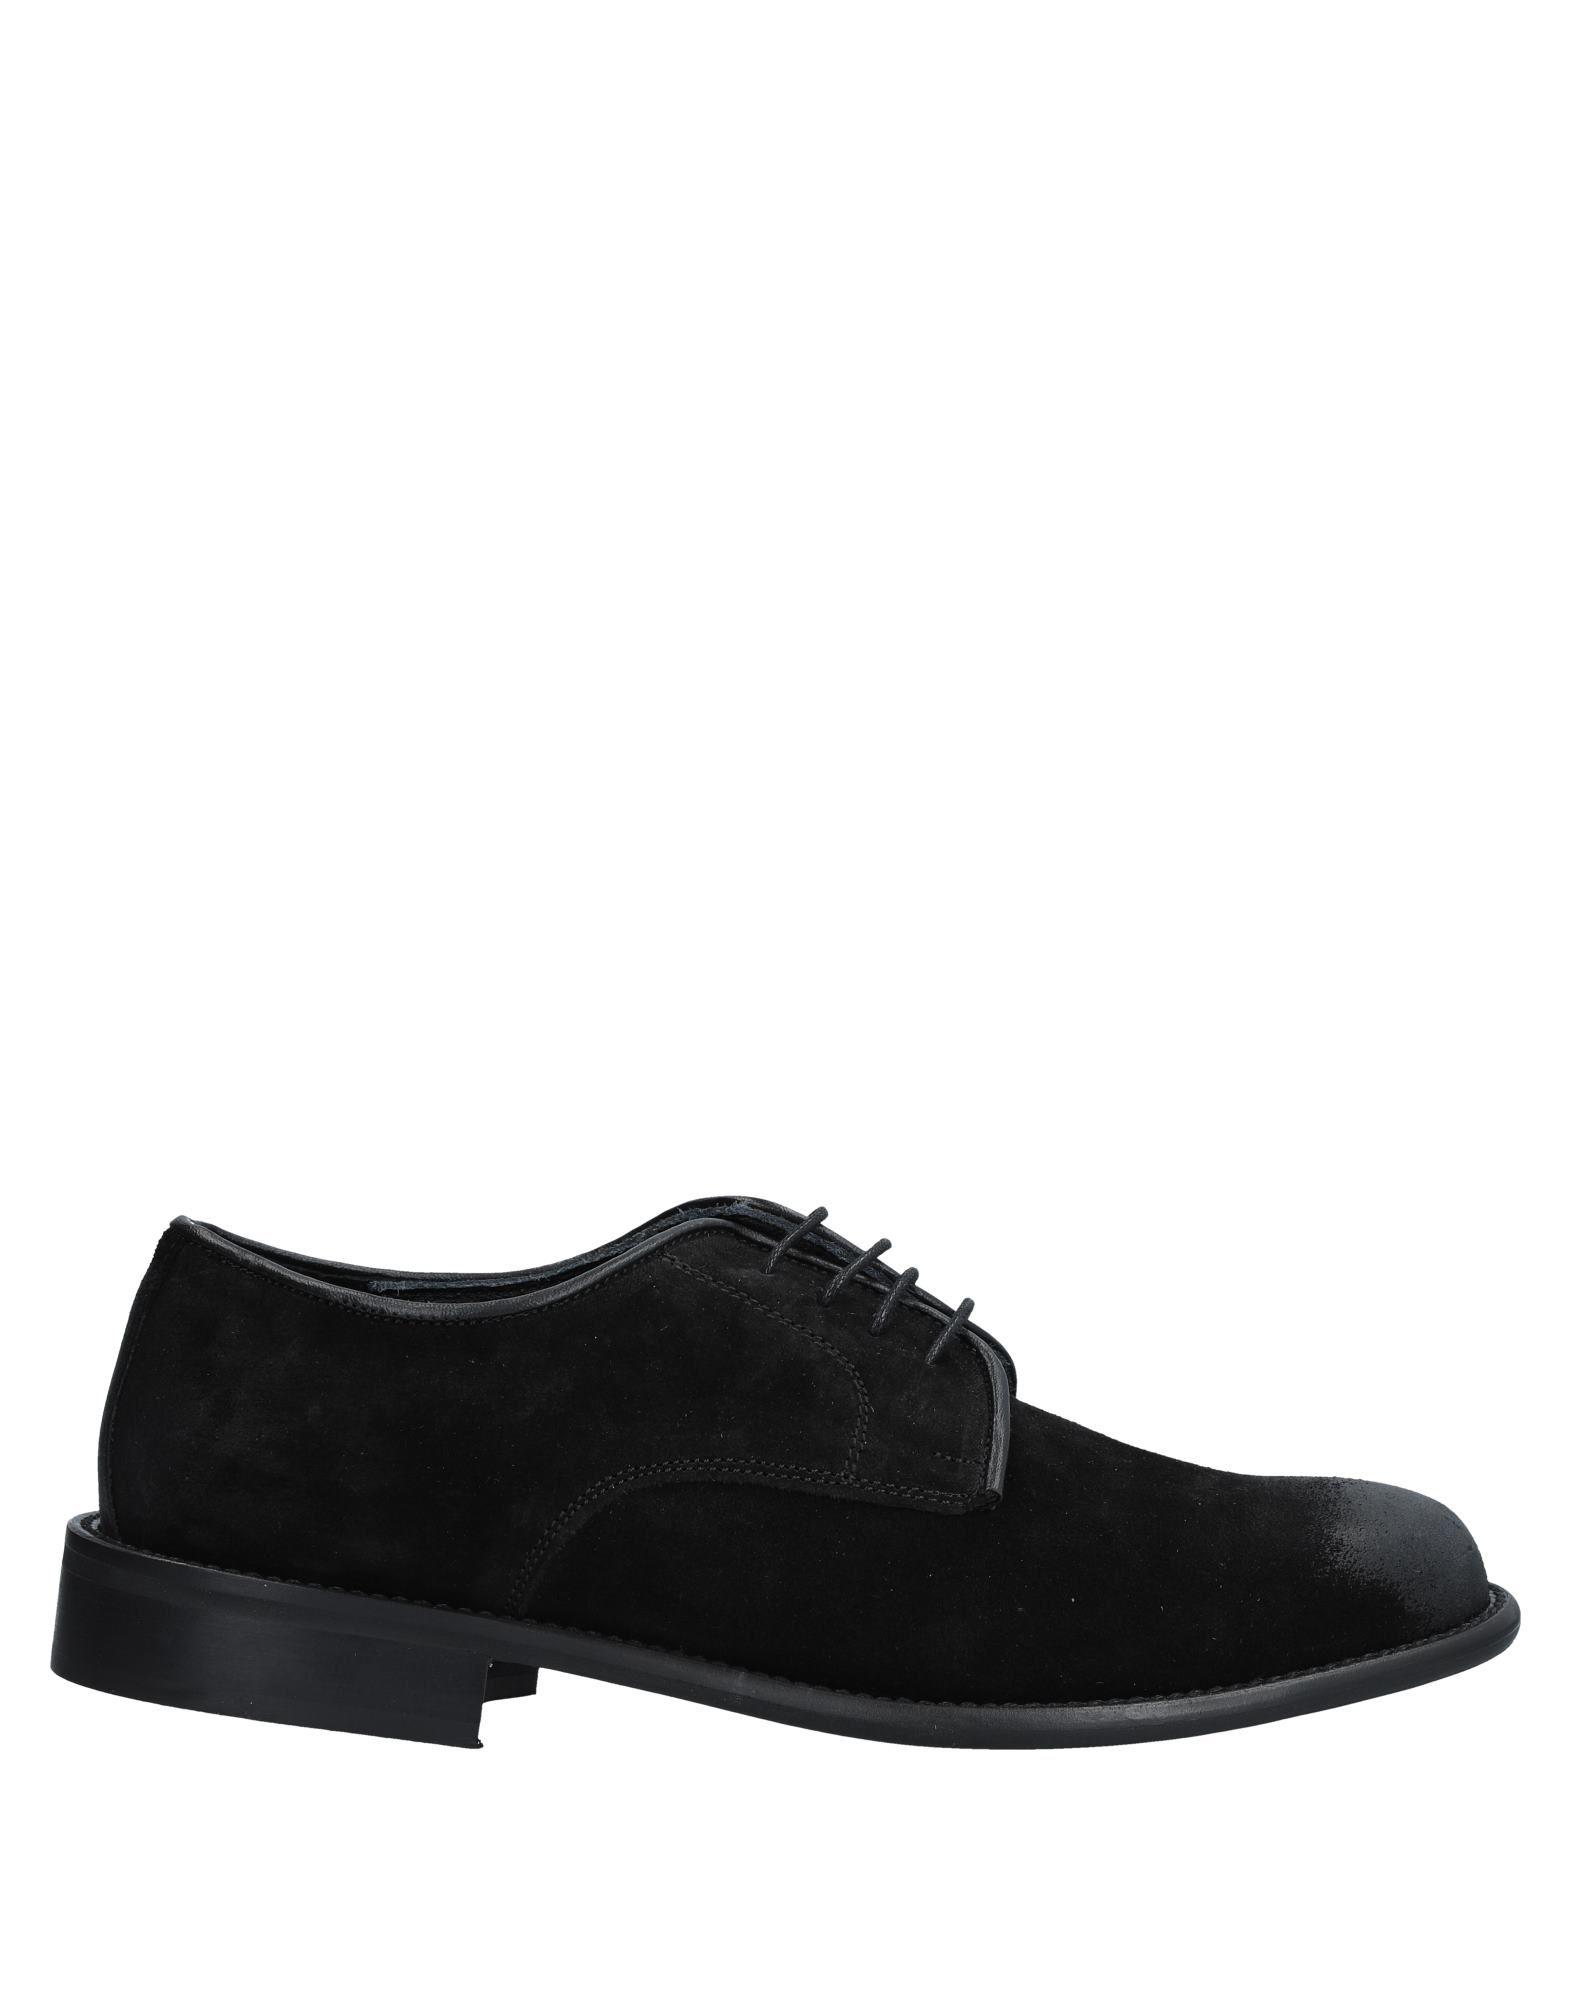 Bottega Marchigiana Schnürschuhe Herren  11541792DG Gute Qualität beliebte Schuhe